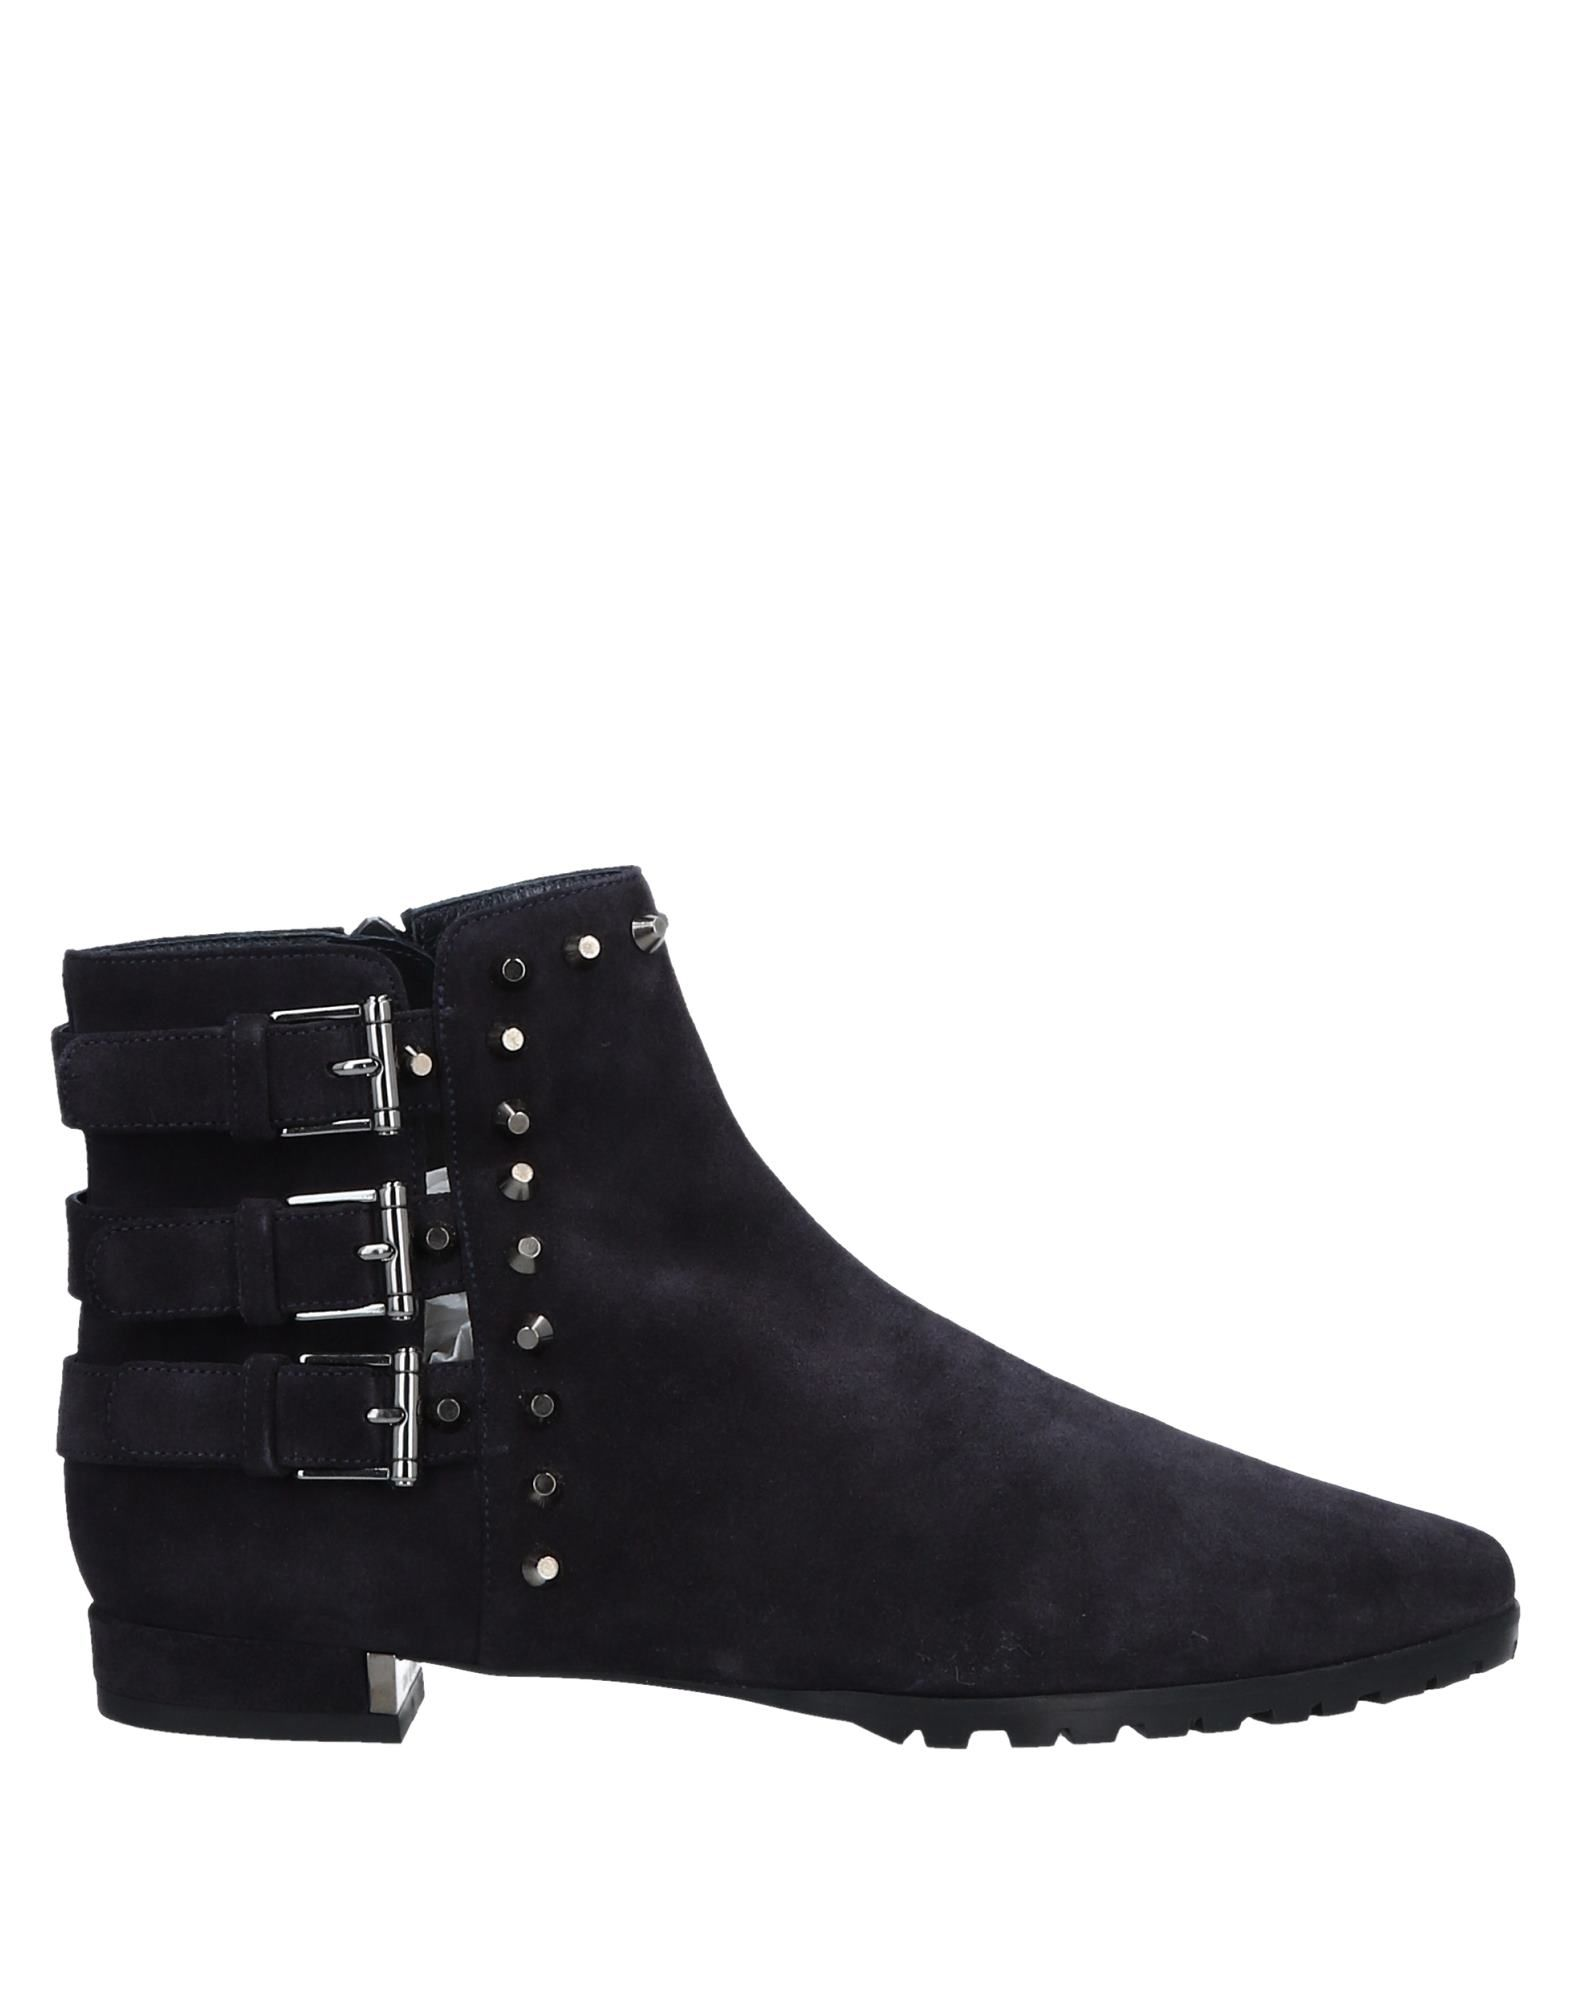 Stuart Weitzman Stiefelette Damen  11567640UOGünstige gut aussehende Schuhe